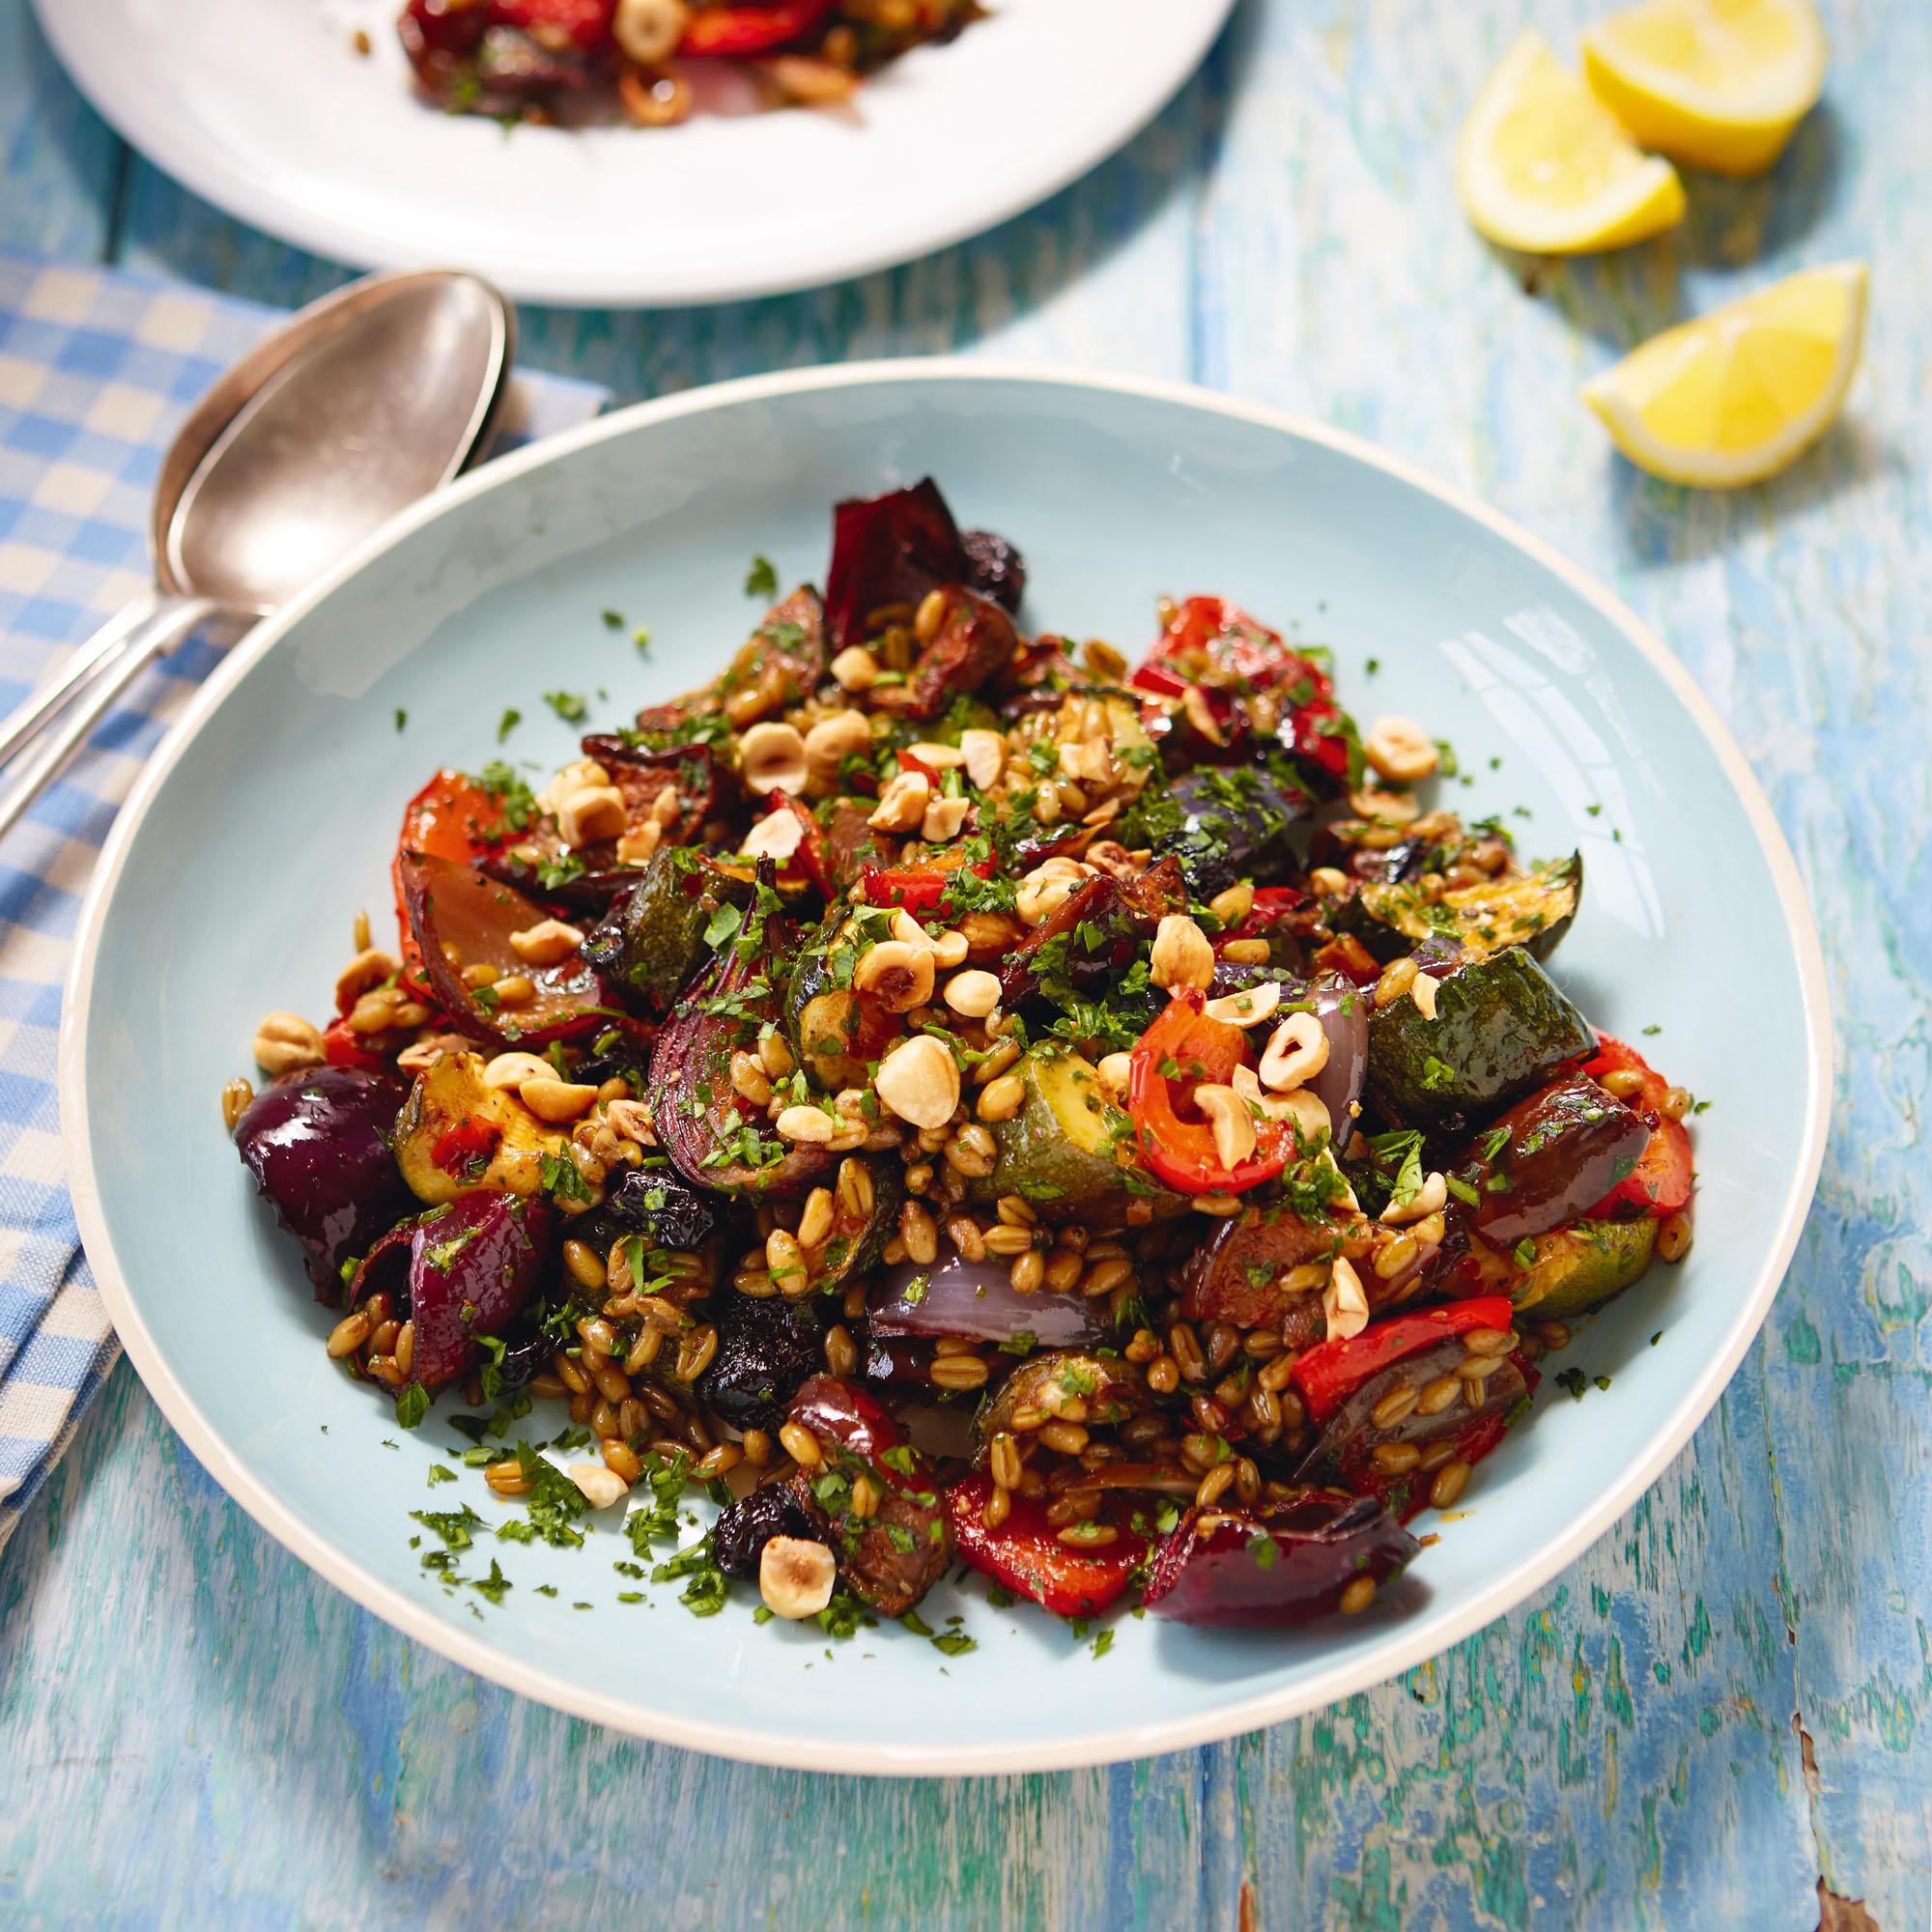 Vegitarian Dinner Ideas: Vegetarian Recipes